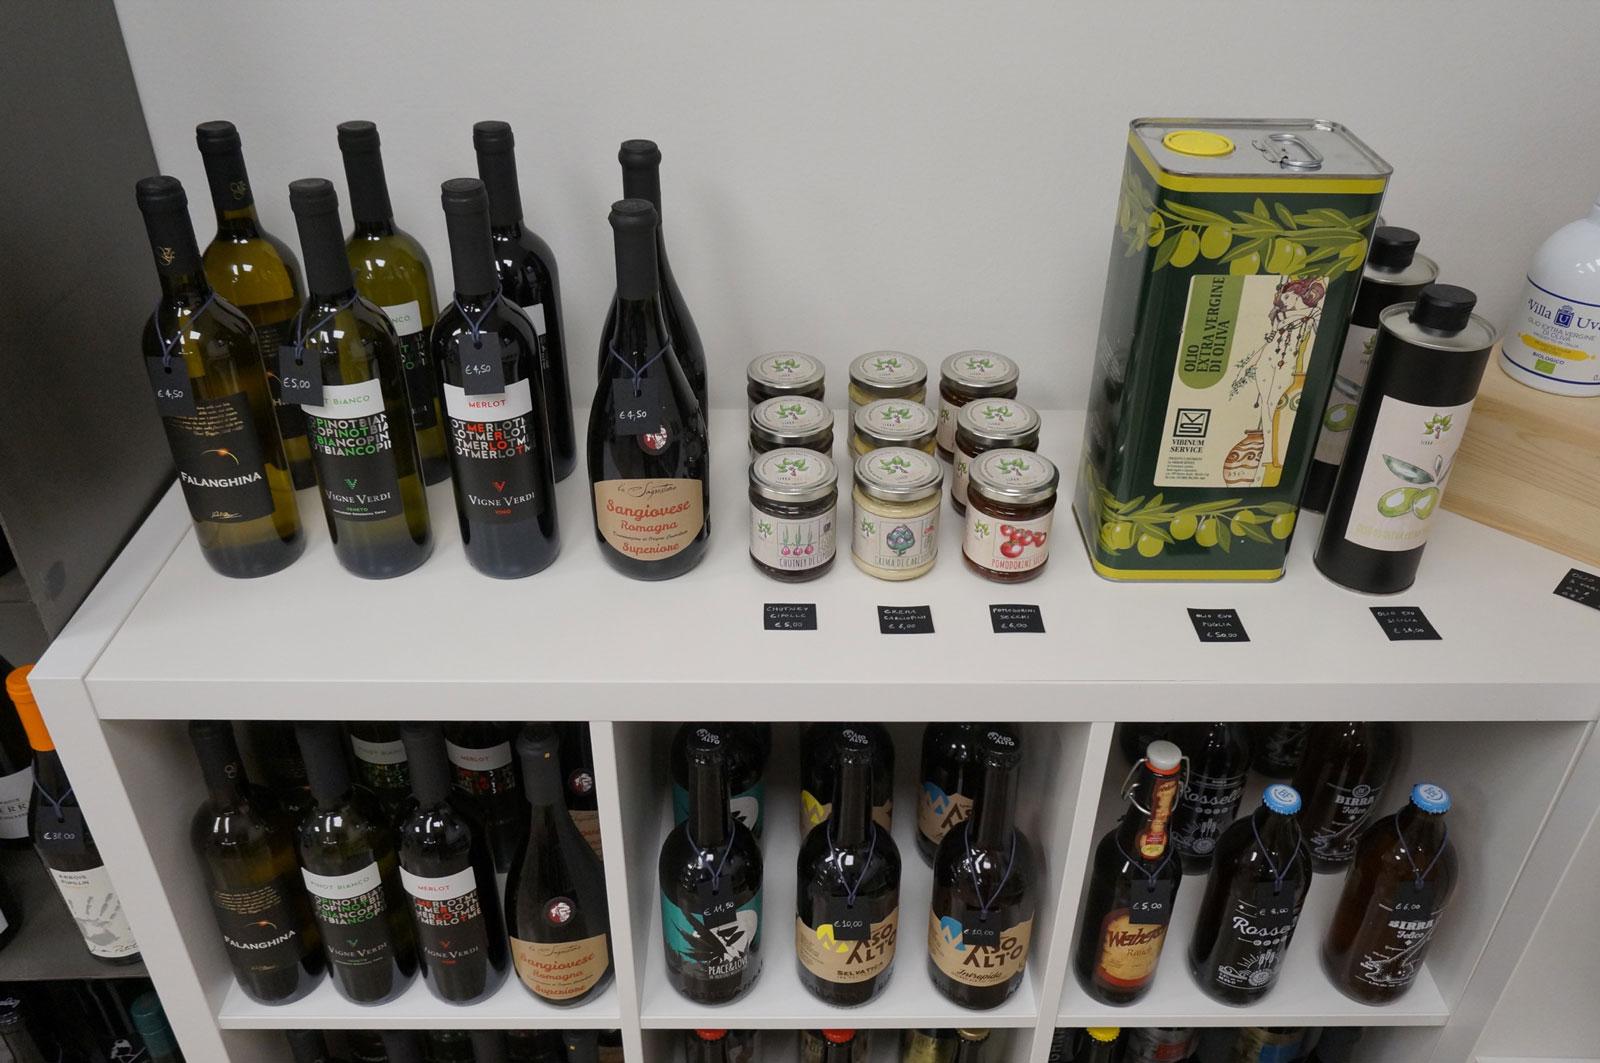 Falanghina, Vigne Verdi, Sangiovese, Olio extra vergine in vendita all'enoteca botrytis